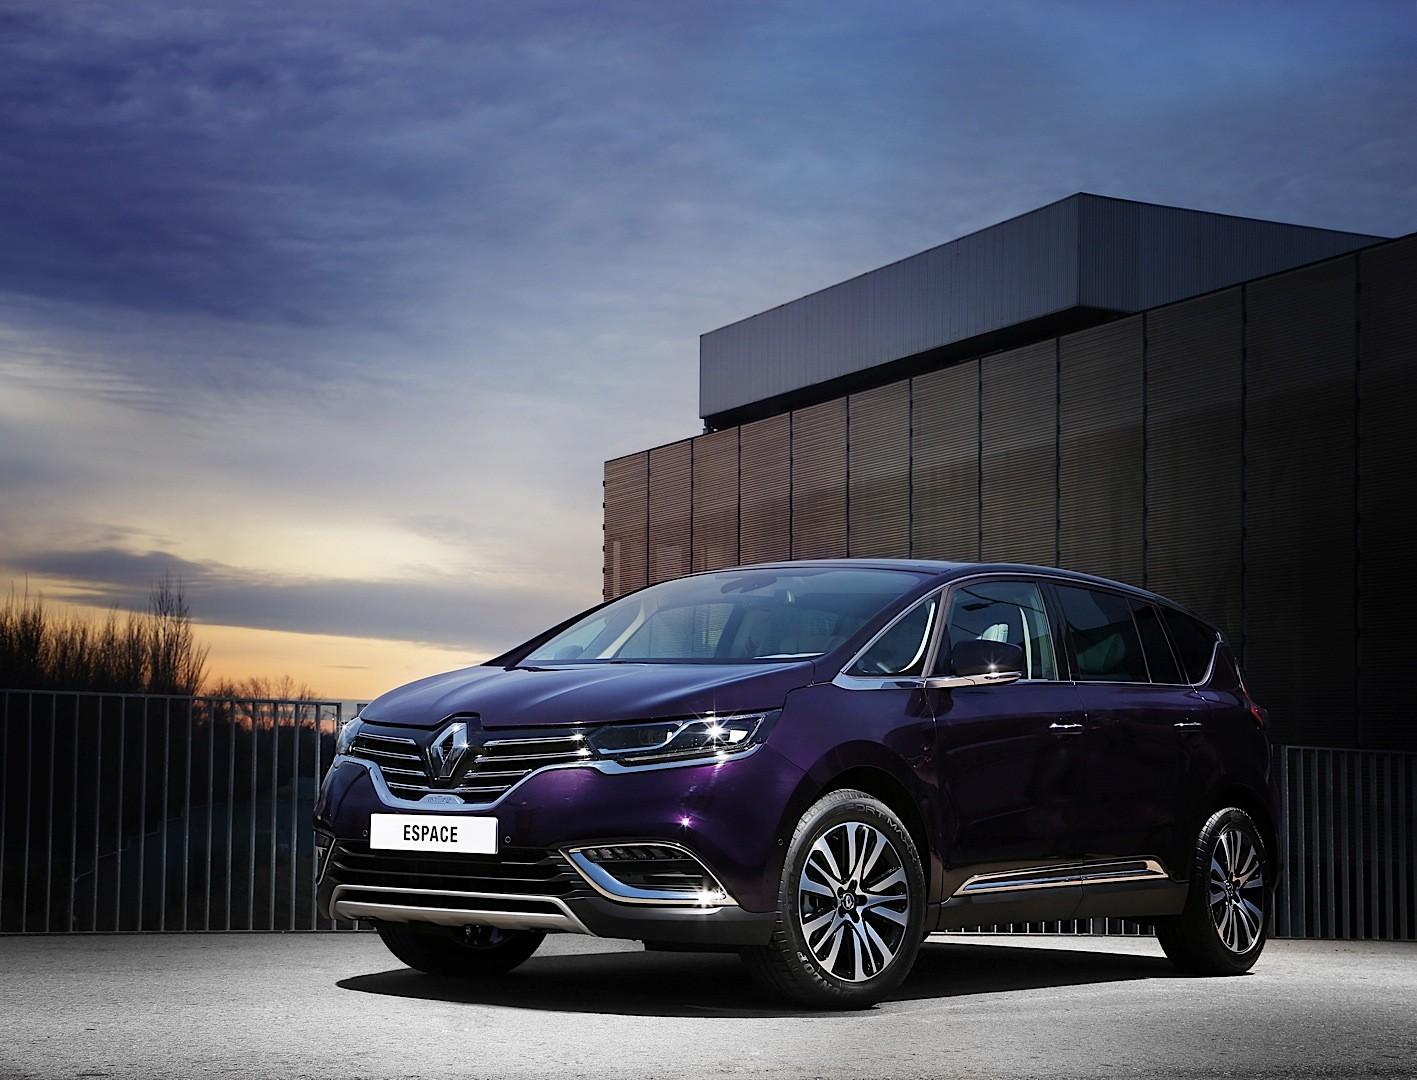 2015 Renault Espace Looks Stunning In Dark Amethyst